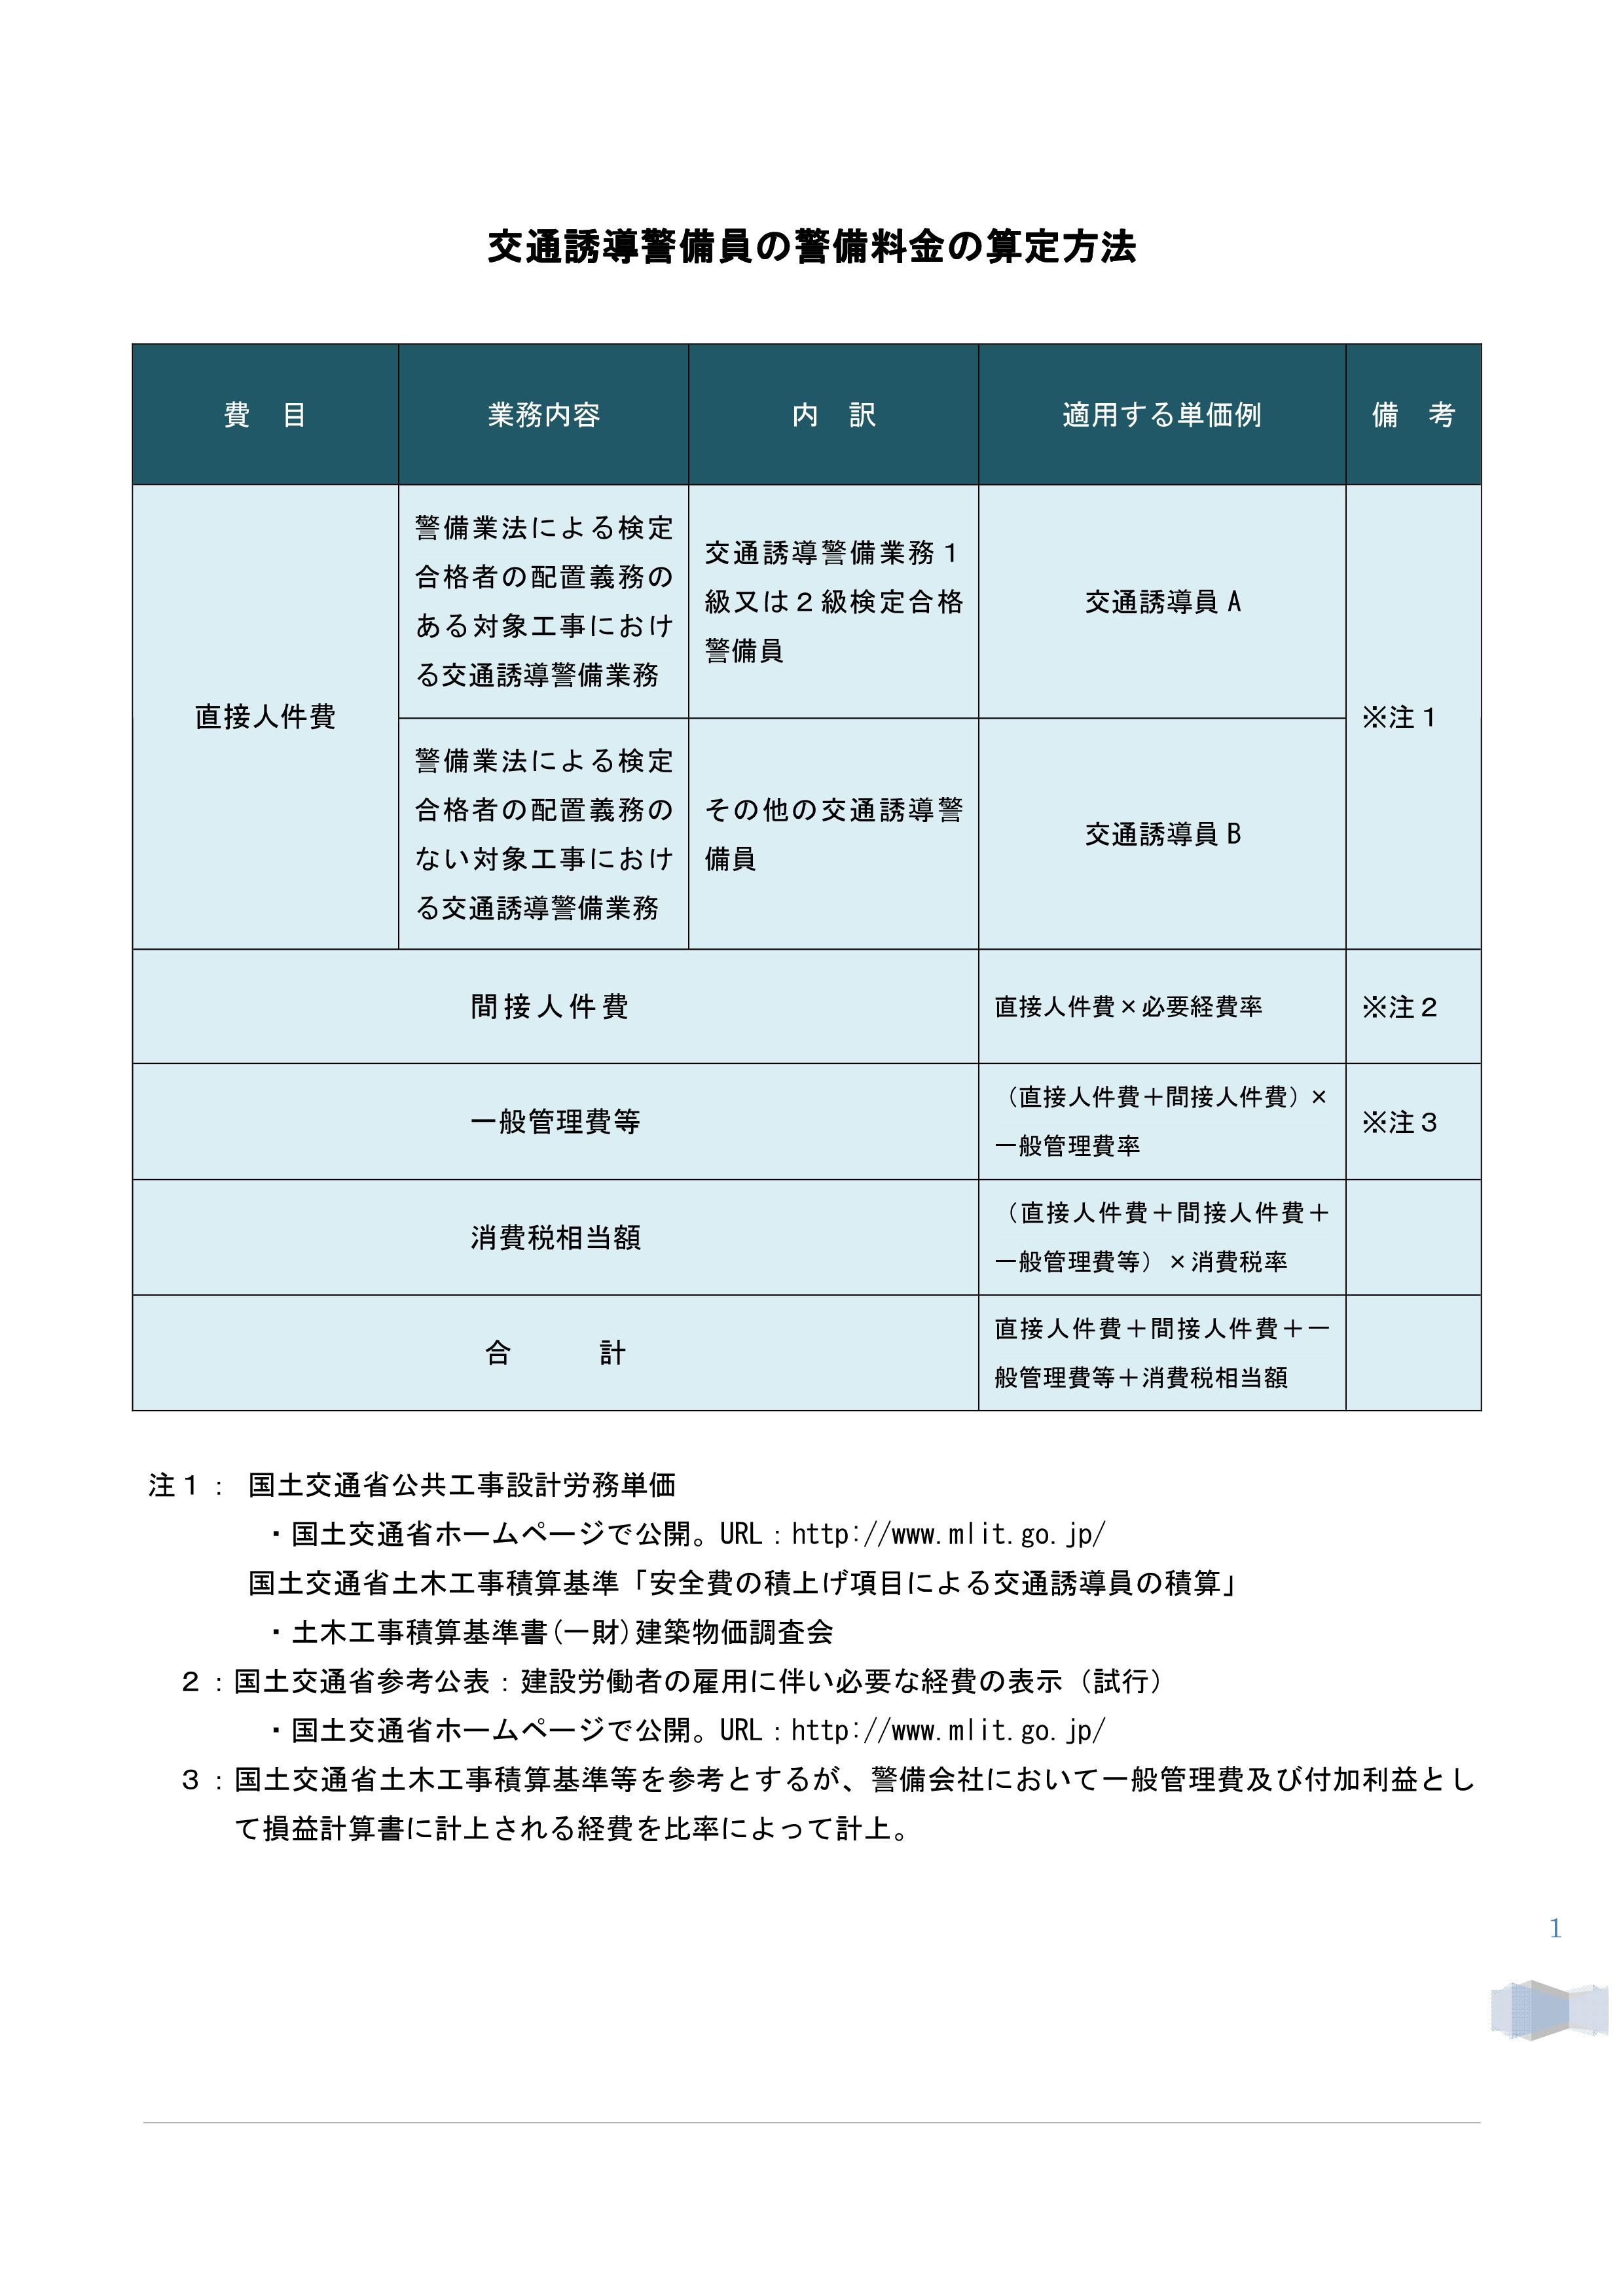 警備料金の算定方法01